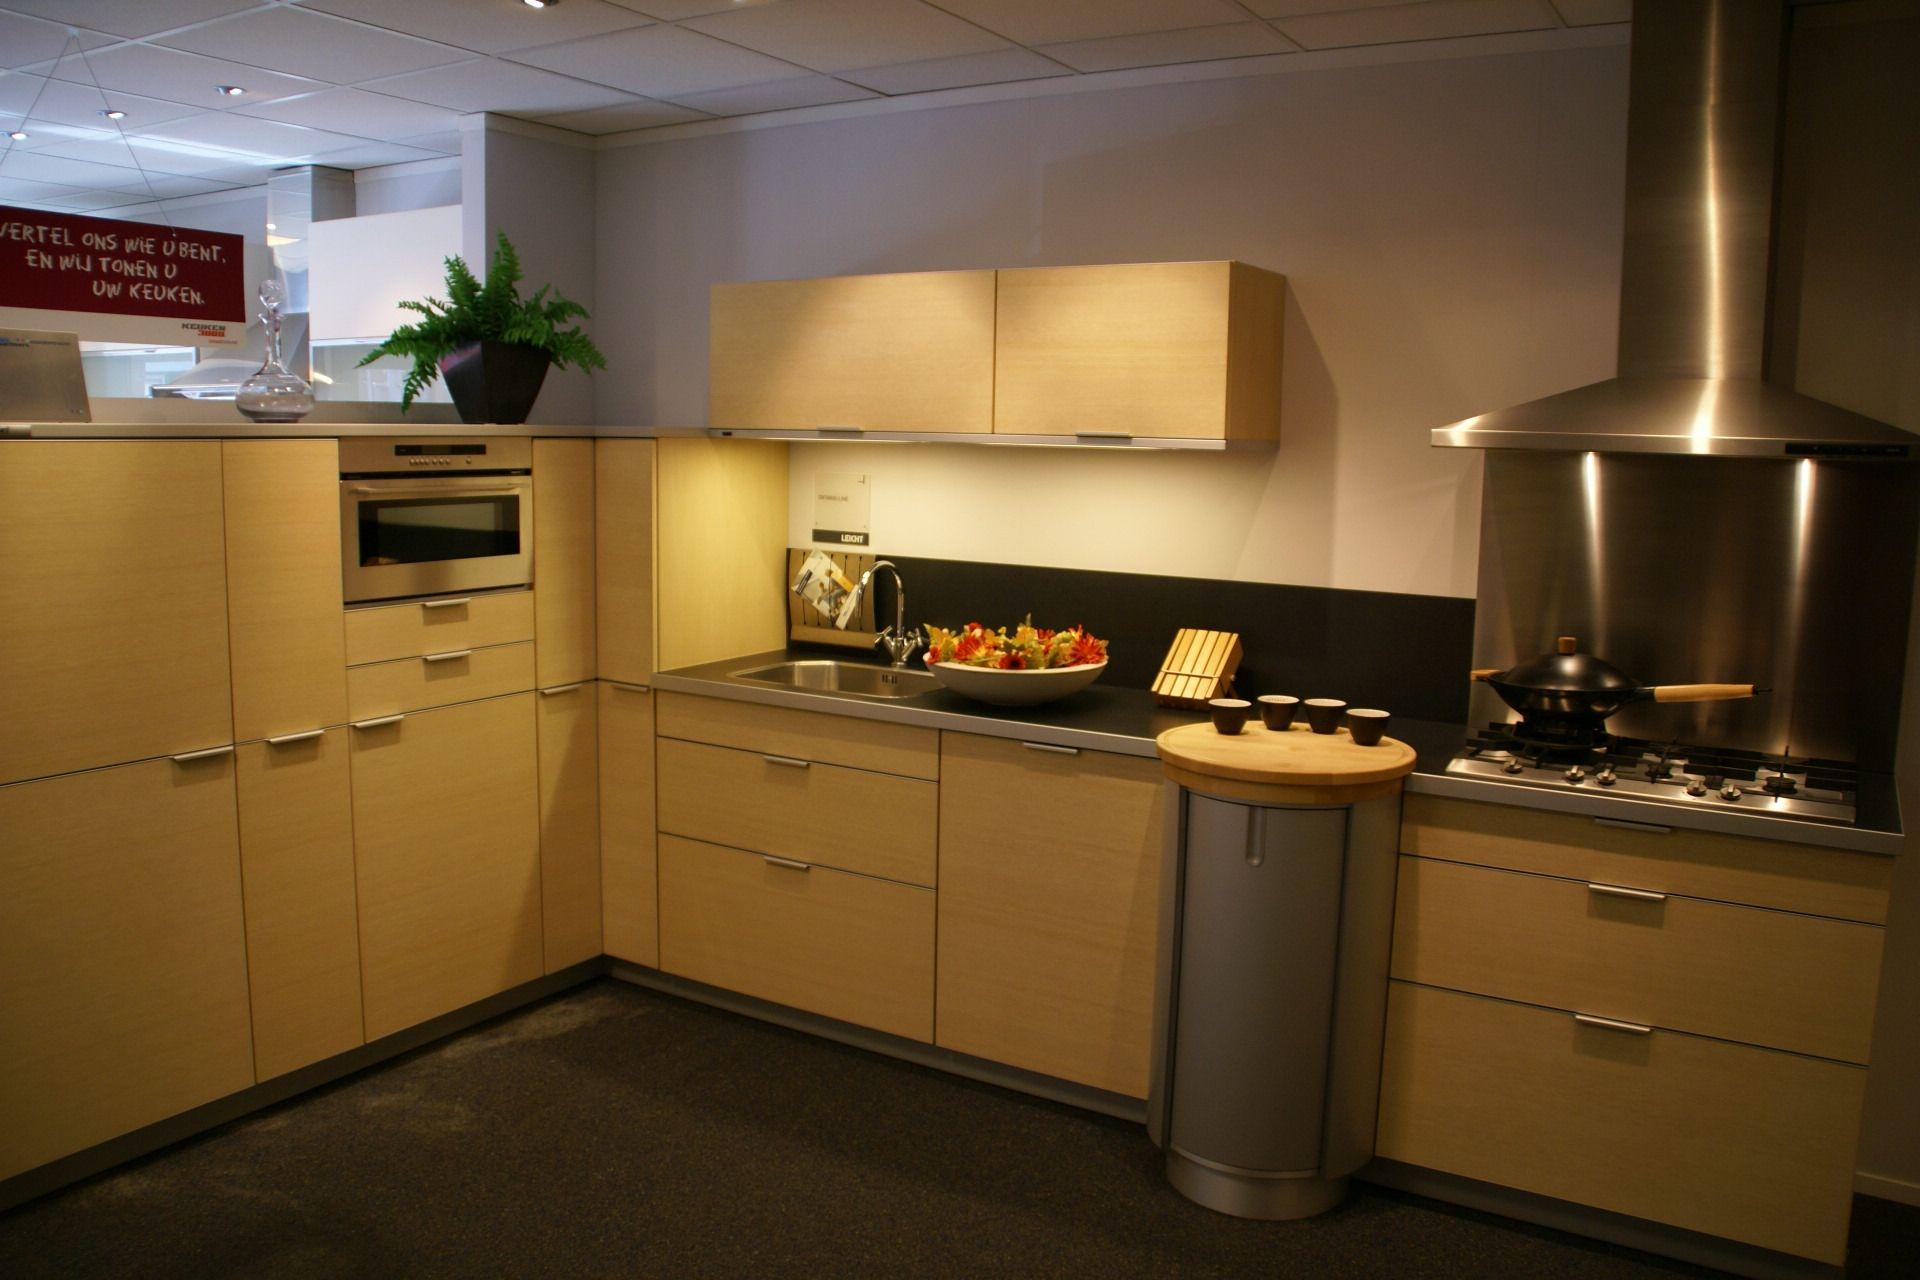 Hoekkast Keuken Maten : Showroomkorting.nl De voordeligste woonwinkel van Nederland